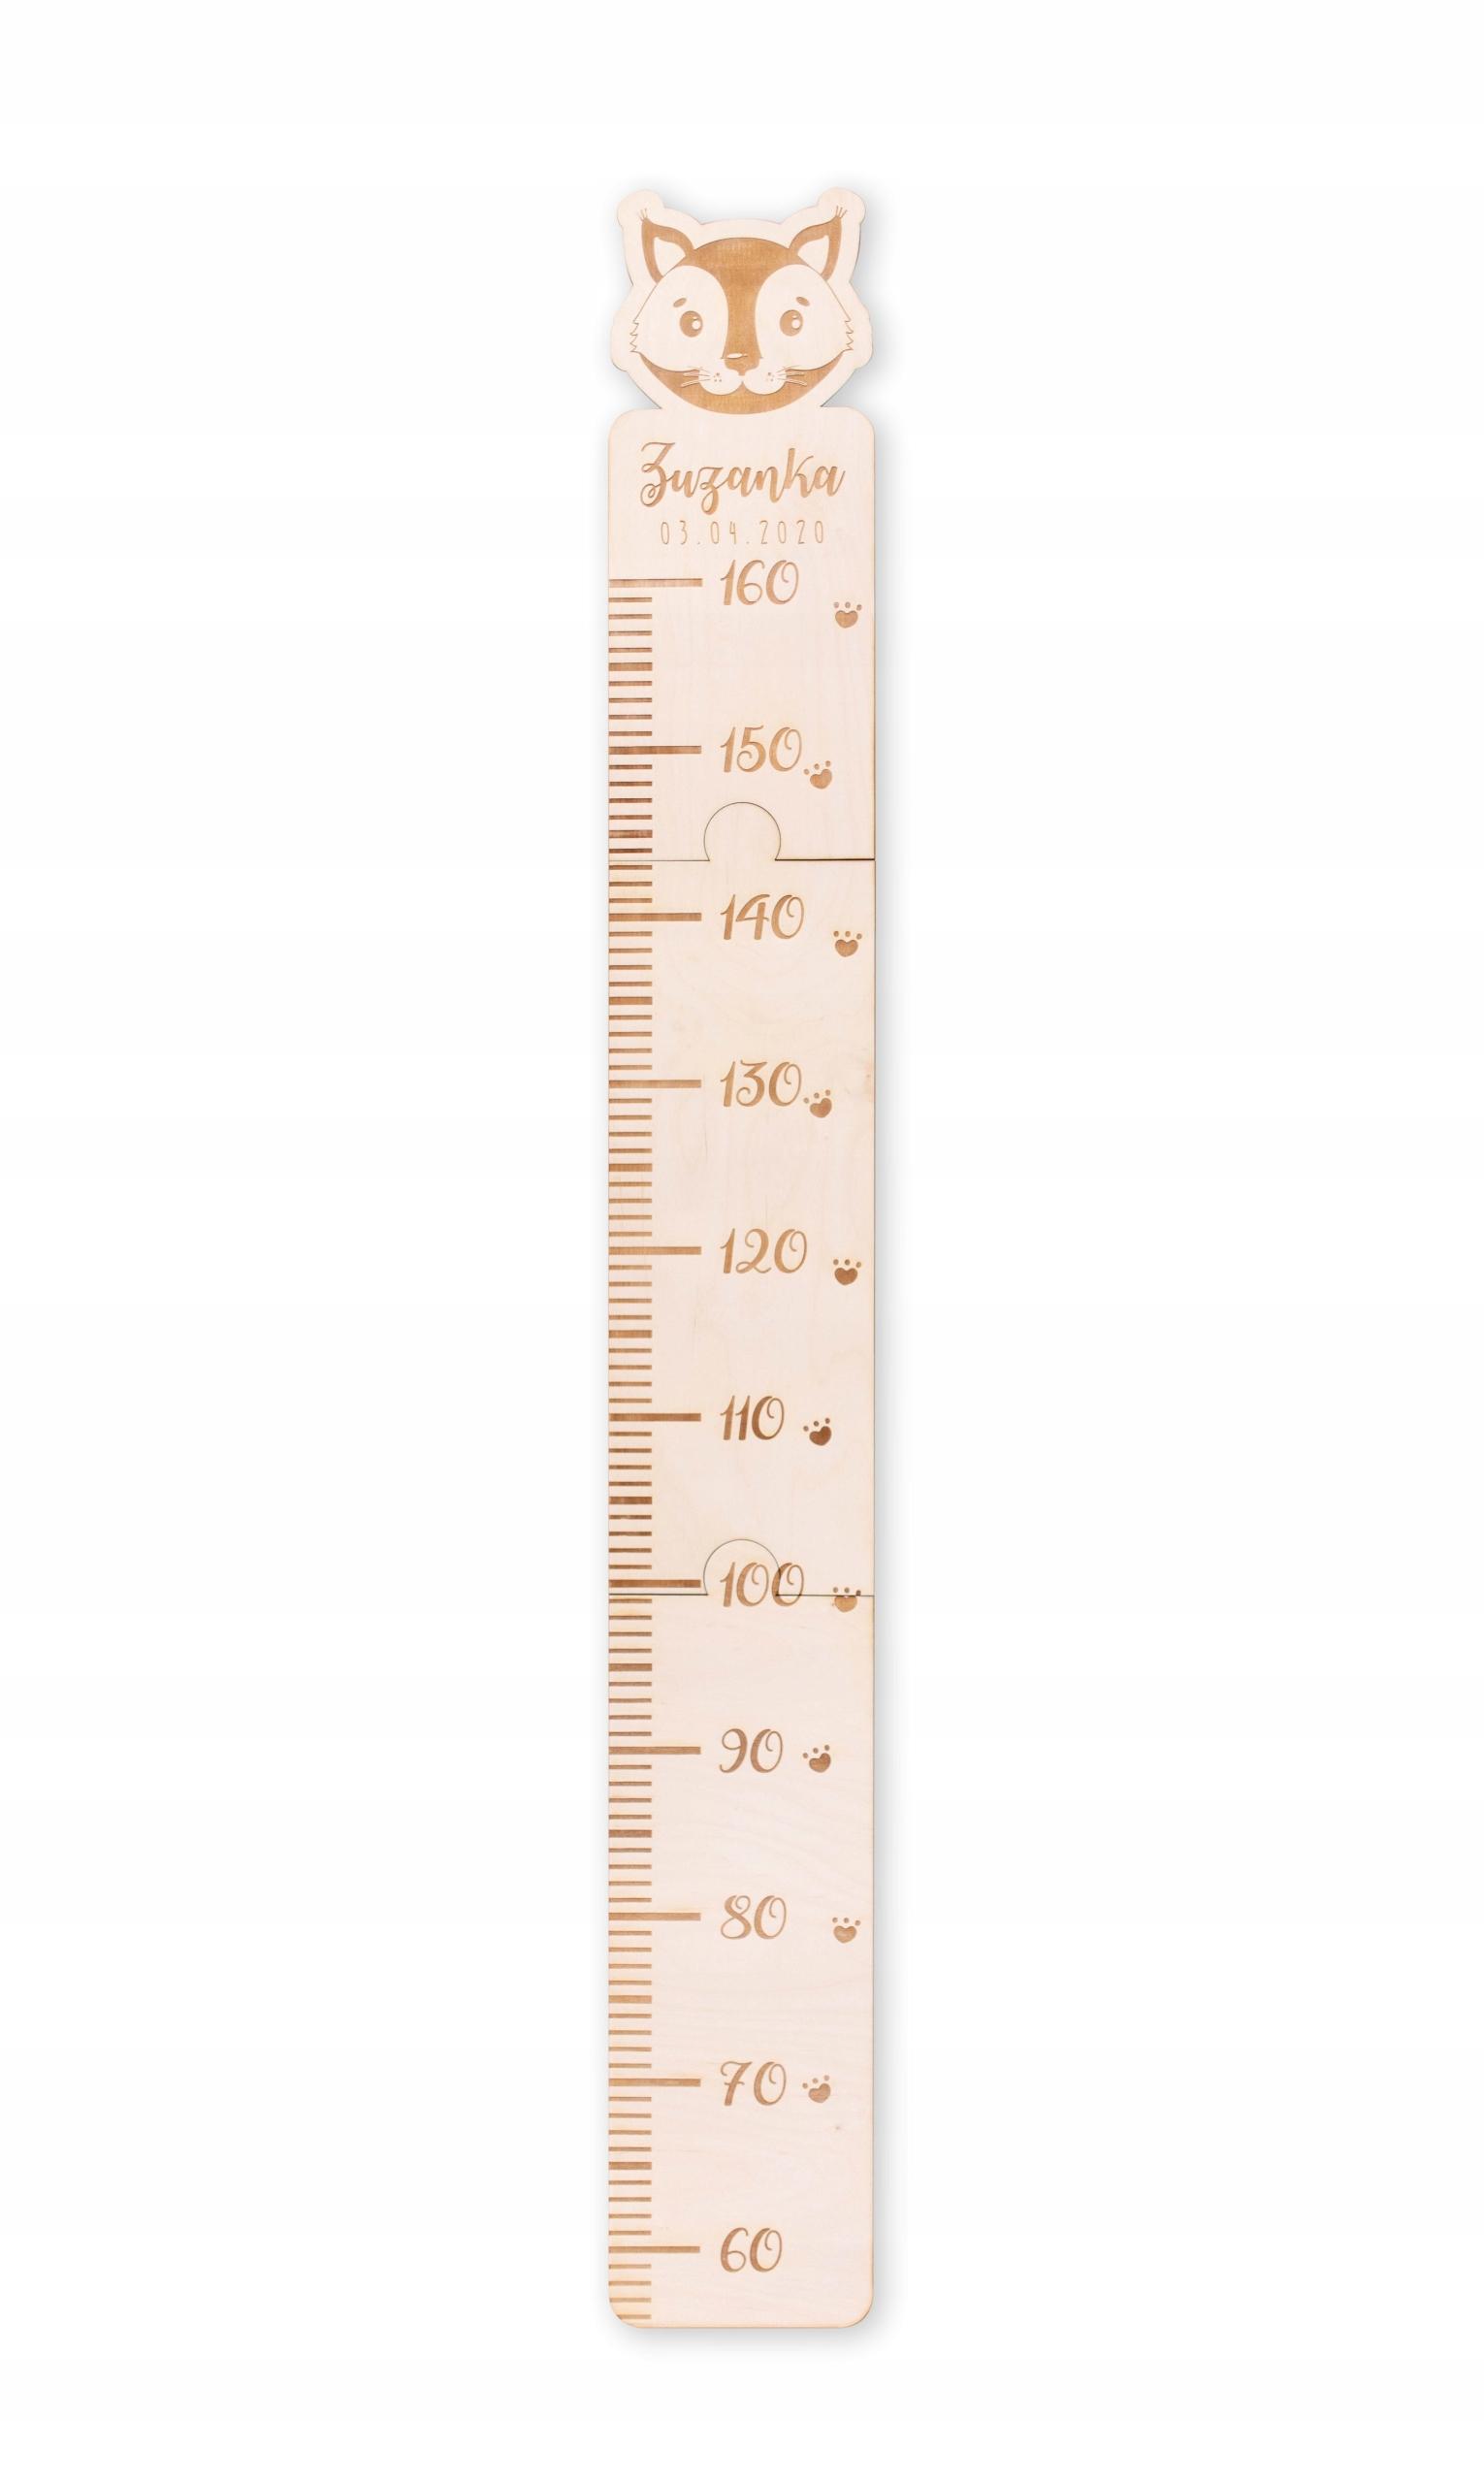 Измерение высоты для детских имен животных!